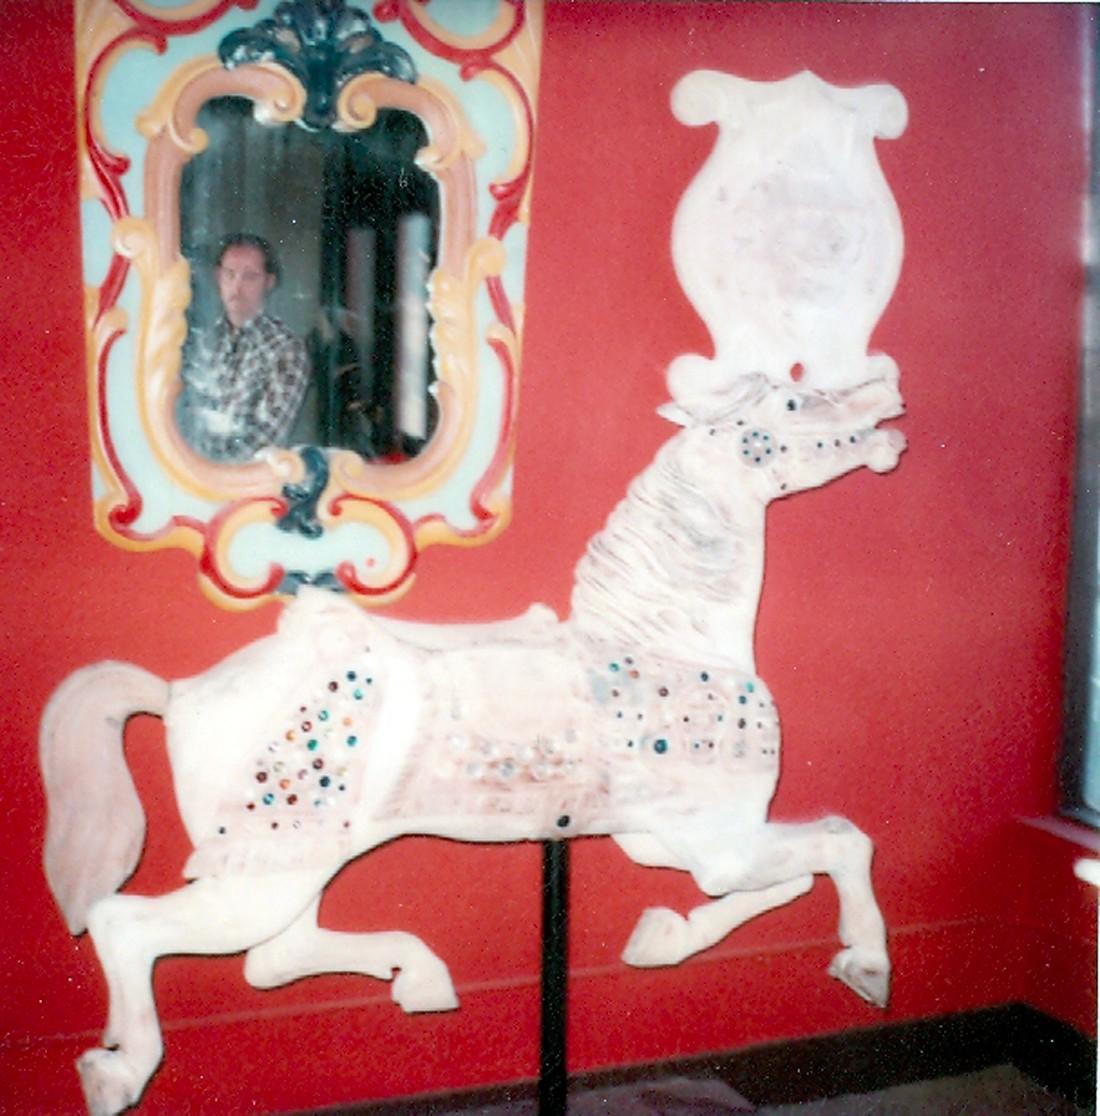 Fraley-Redbug-Carousel-restoration-studio-1980-visit